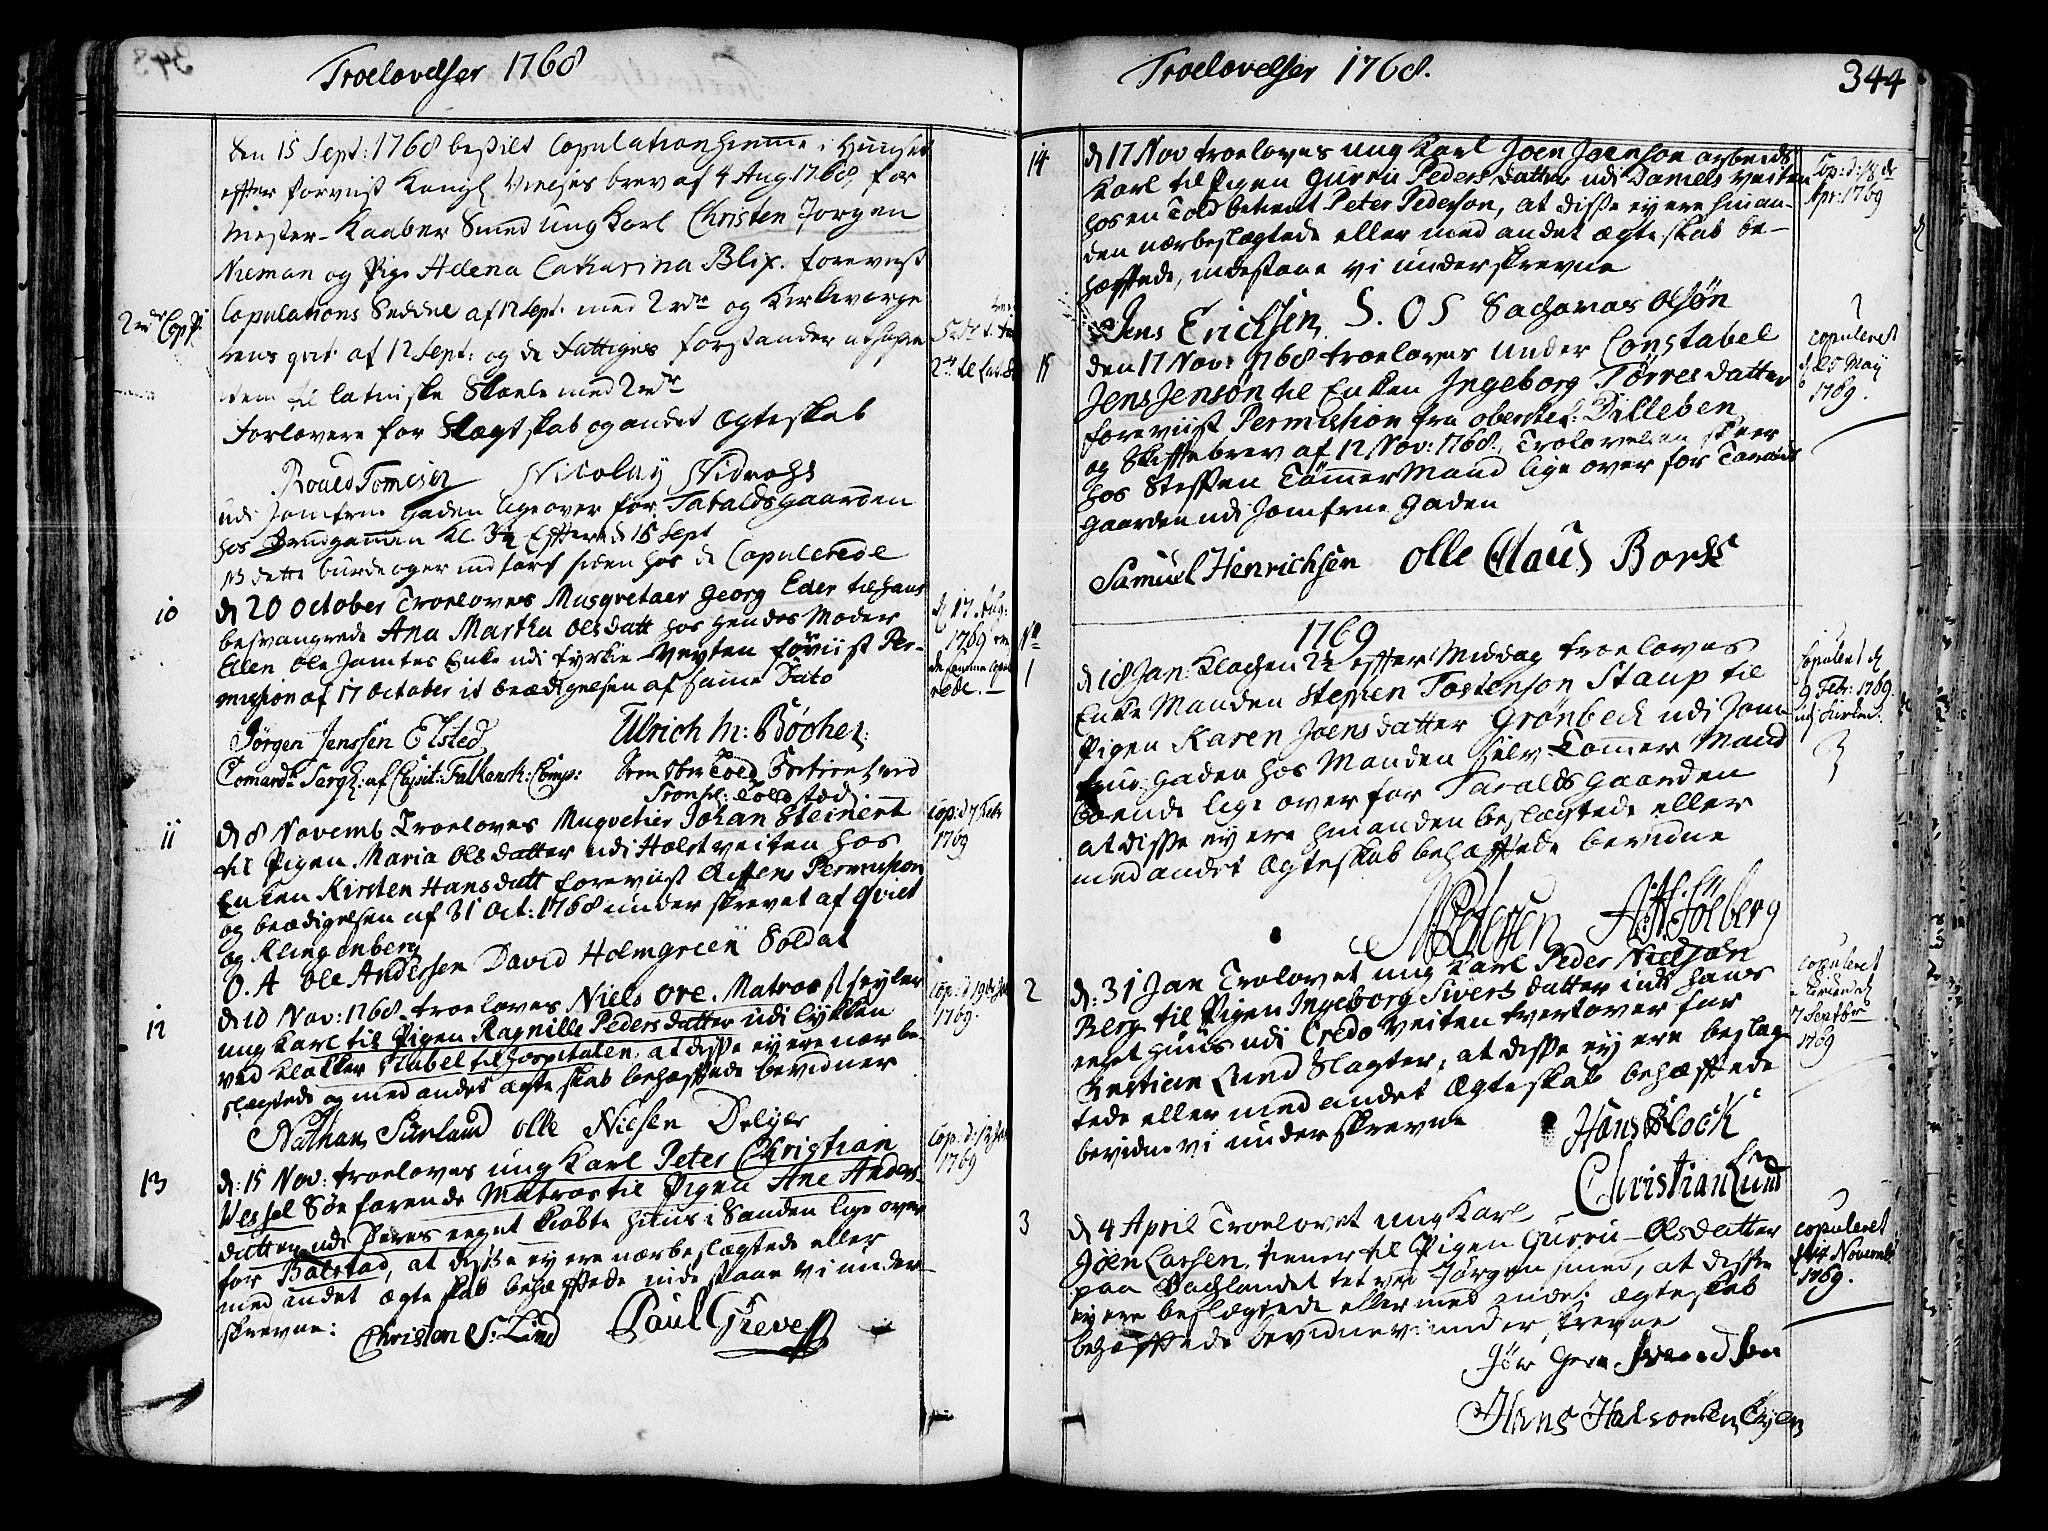 SAT, Ministerialprotokoller, klokkerbøker og fødselsregistre - Sør-Trøndelag, 602/L0103: Ministerialbok nr. 602A01, 1732-1774, s. 344